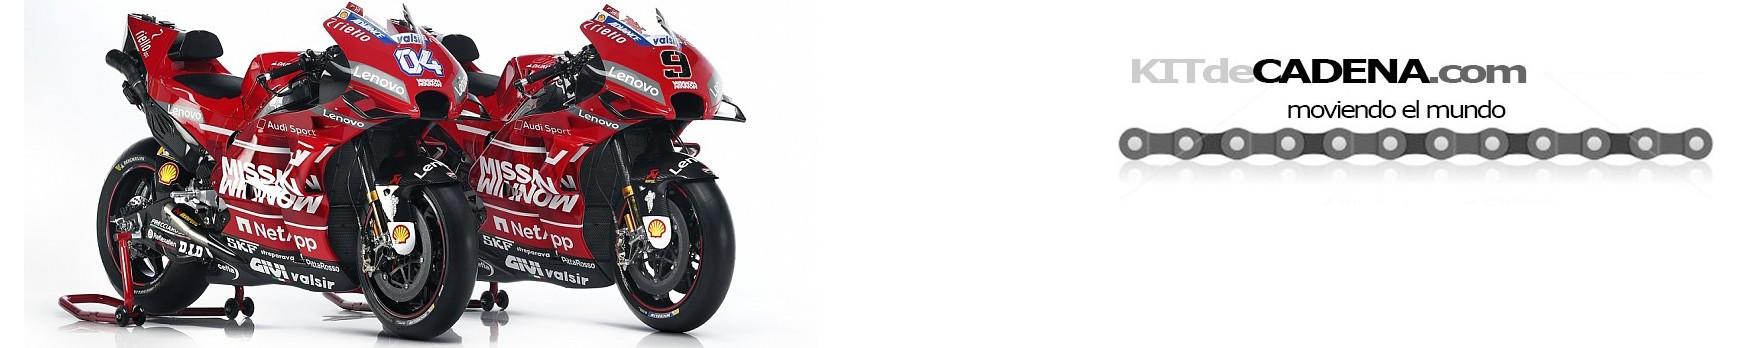 Kits de Cadena para moto DID - kitdecadena.com